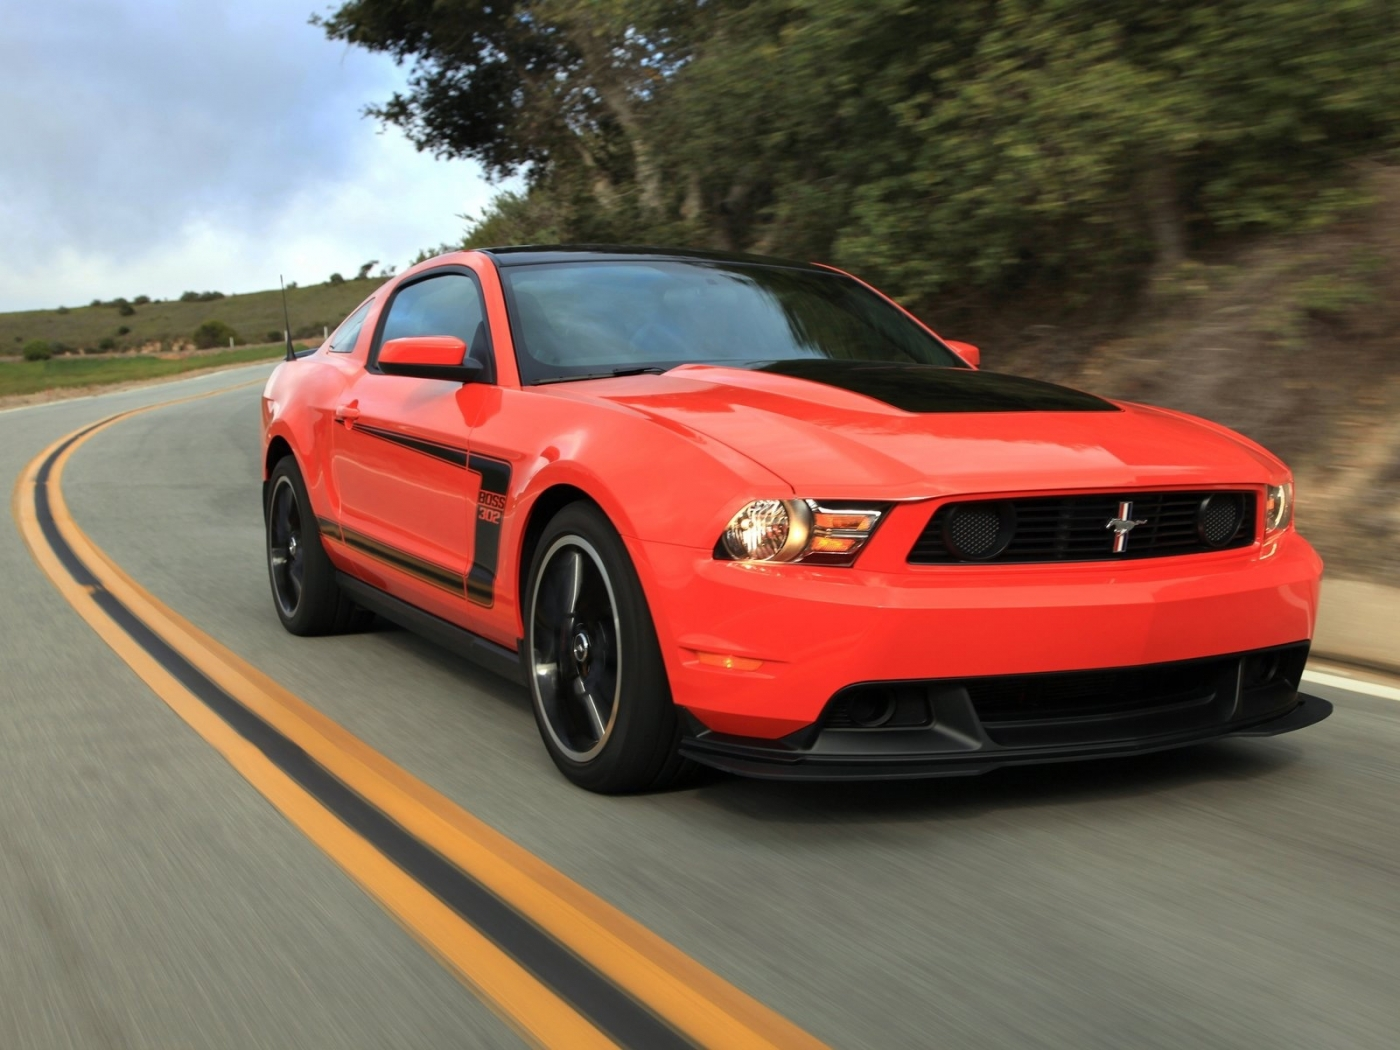 29070 скачать обои Транспорт, Машины, Мустанг (Mustang) - заставки и картинки бесплатно